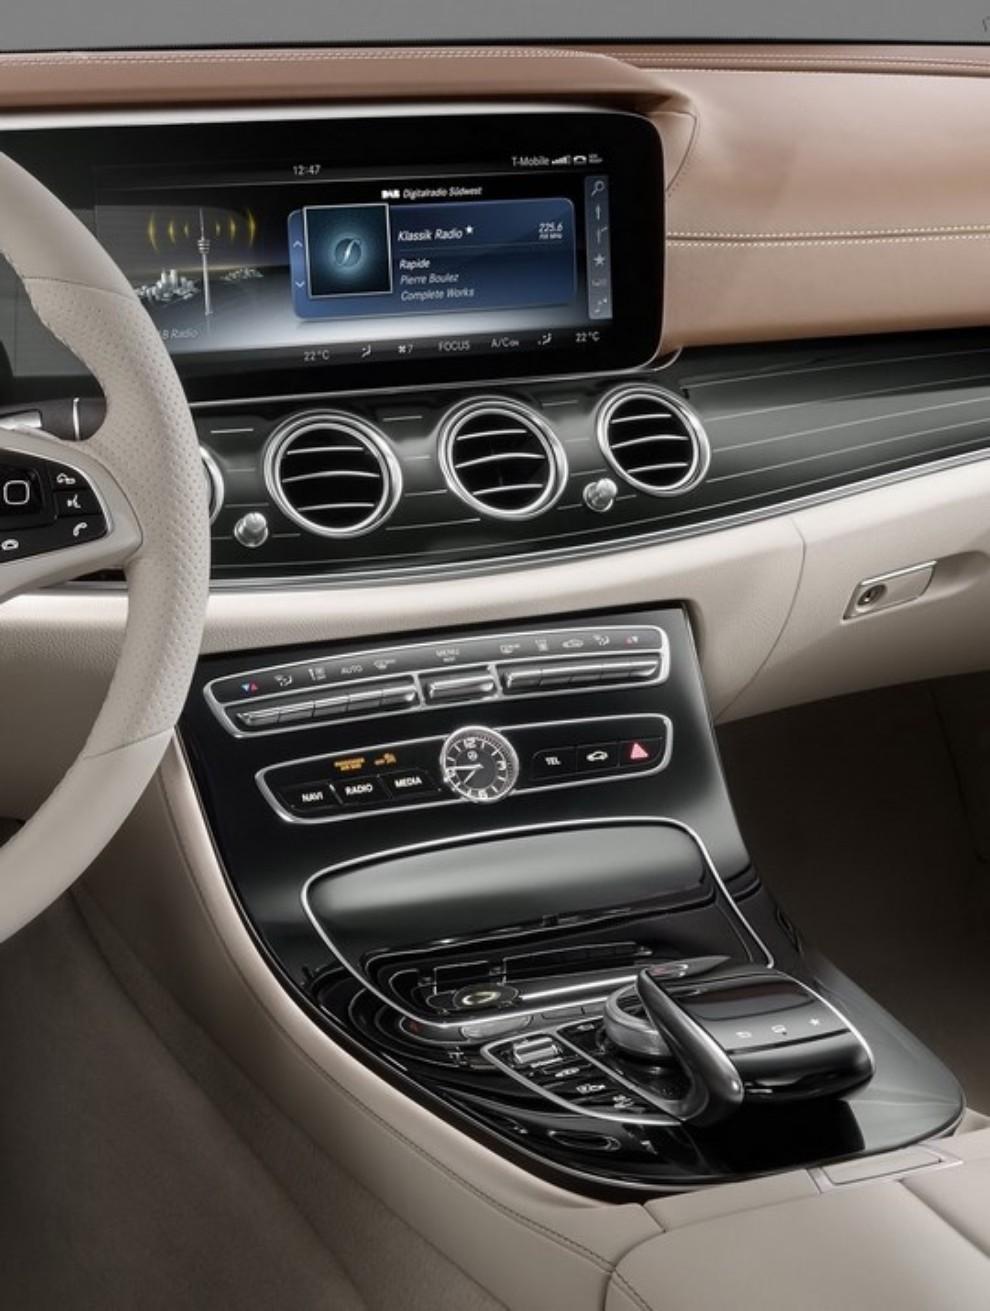 Nuova Mercedes Classe E, gli interni - Foto 15 di 18